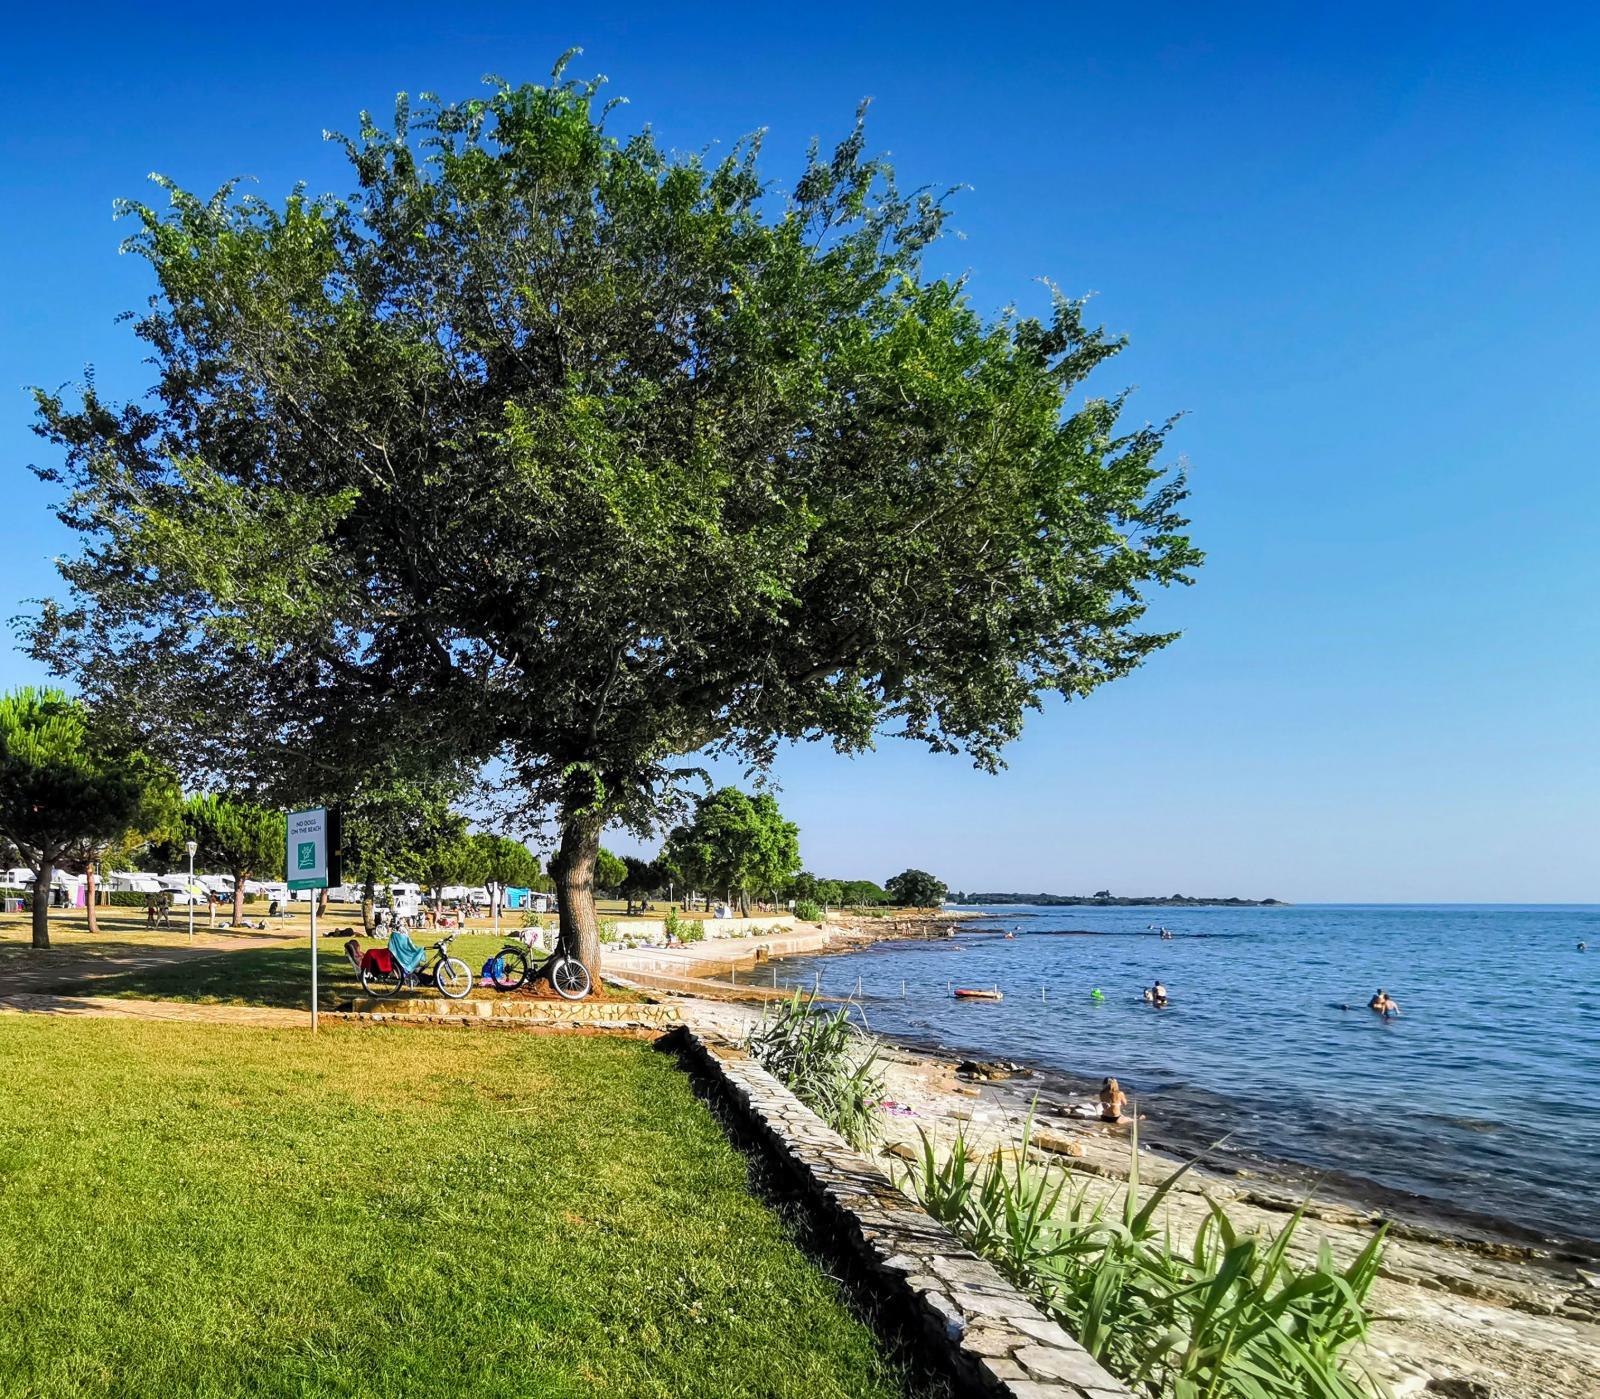 Campingens gräsyta går ända fram till havet. Strandpromenaden intill är populär.